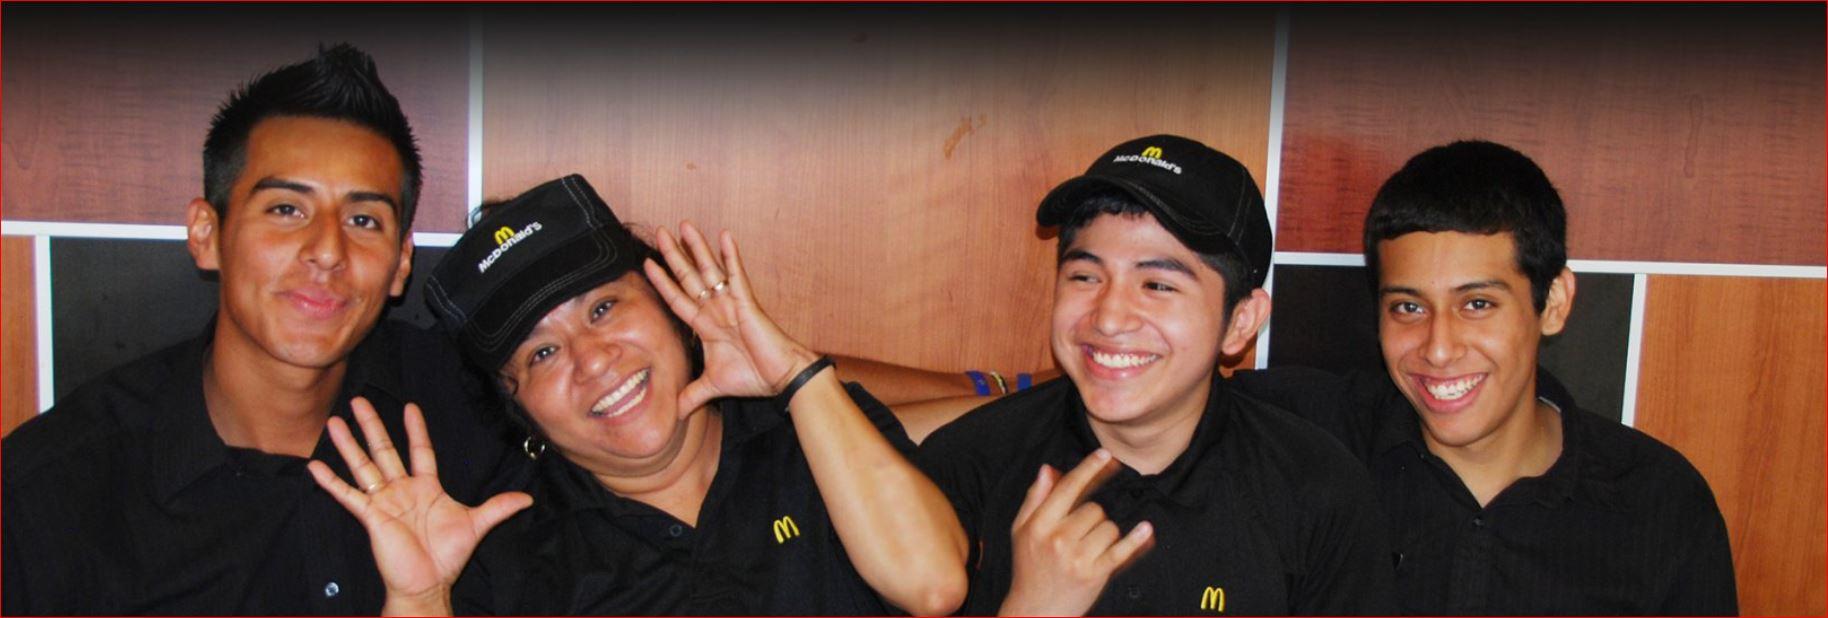 McDonalds Employee Discounts